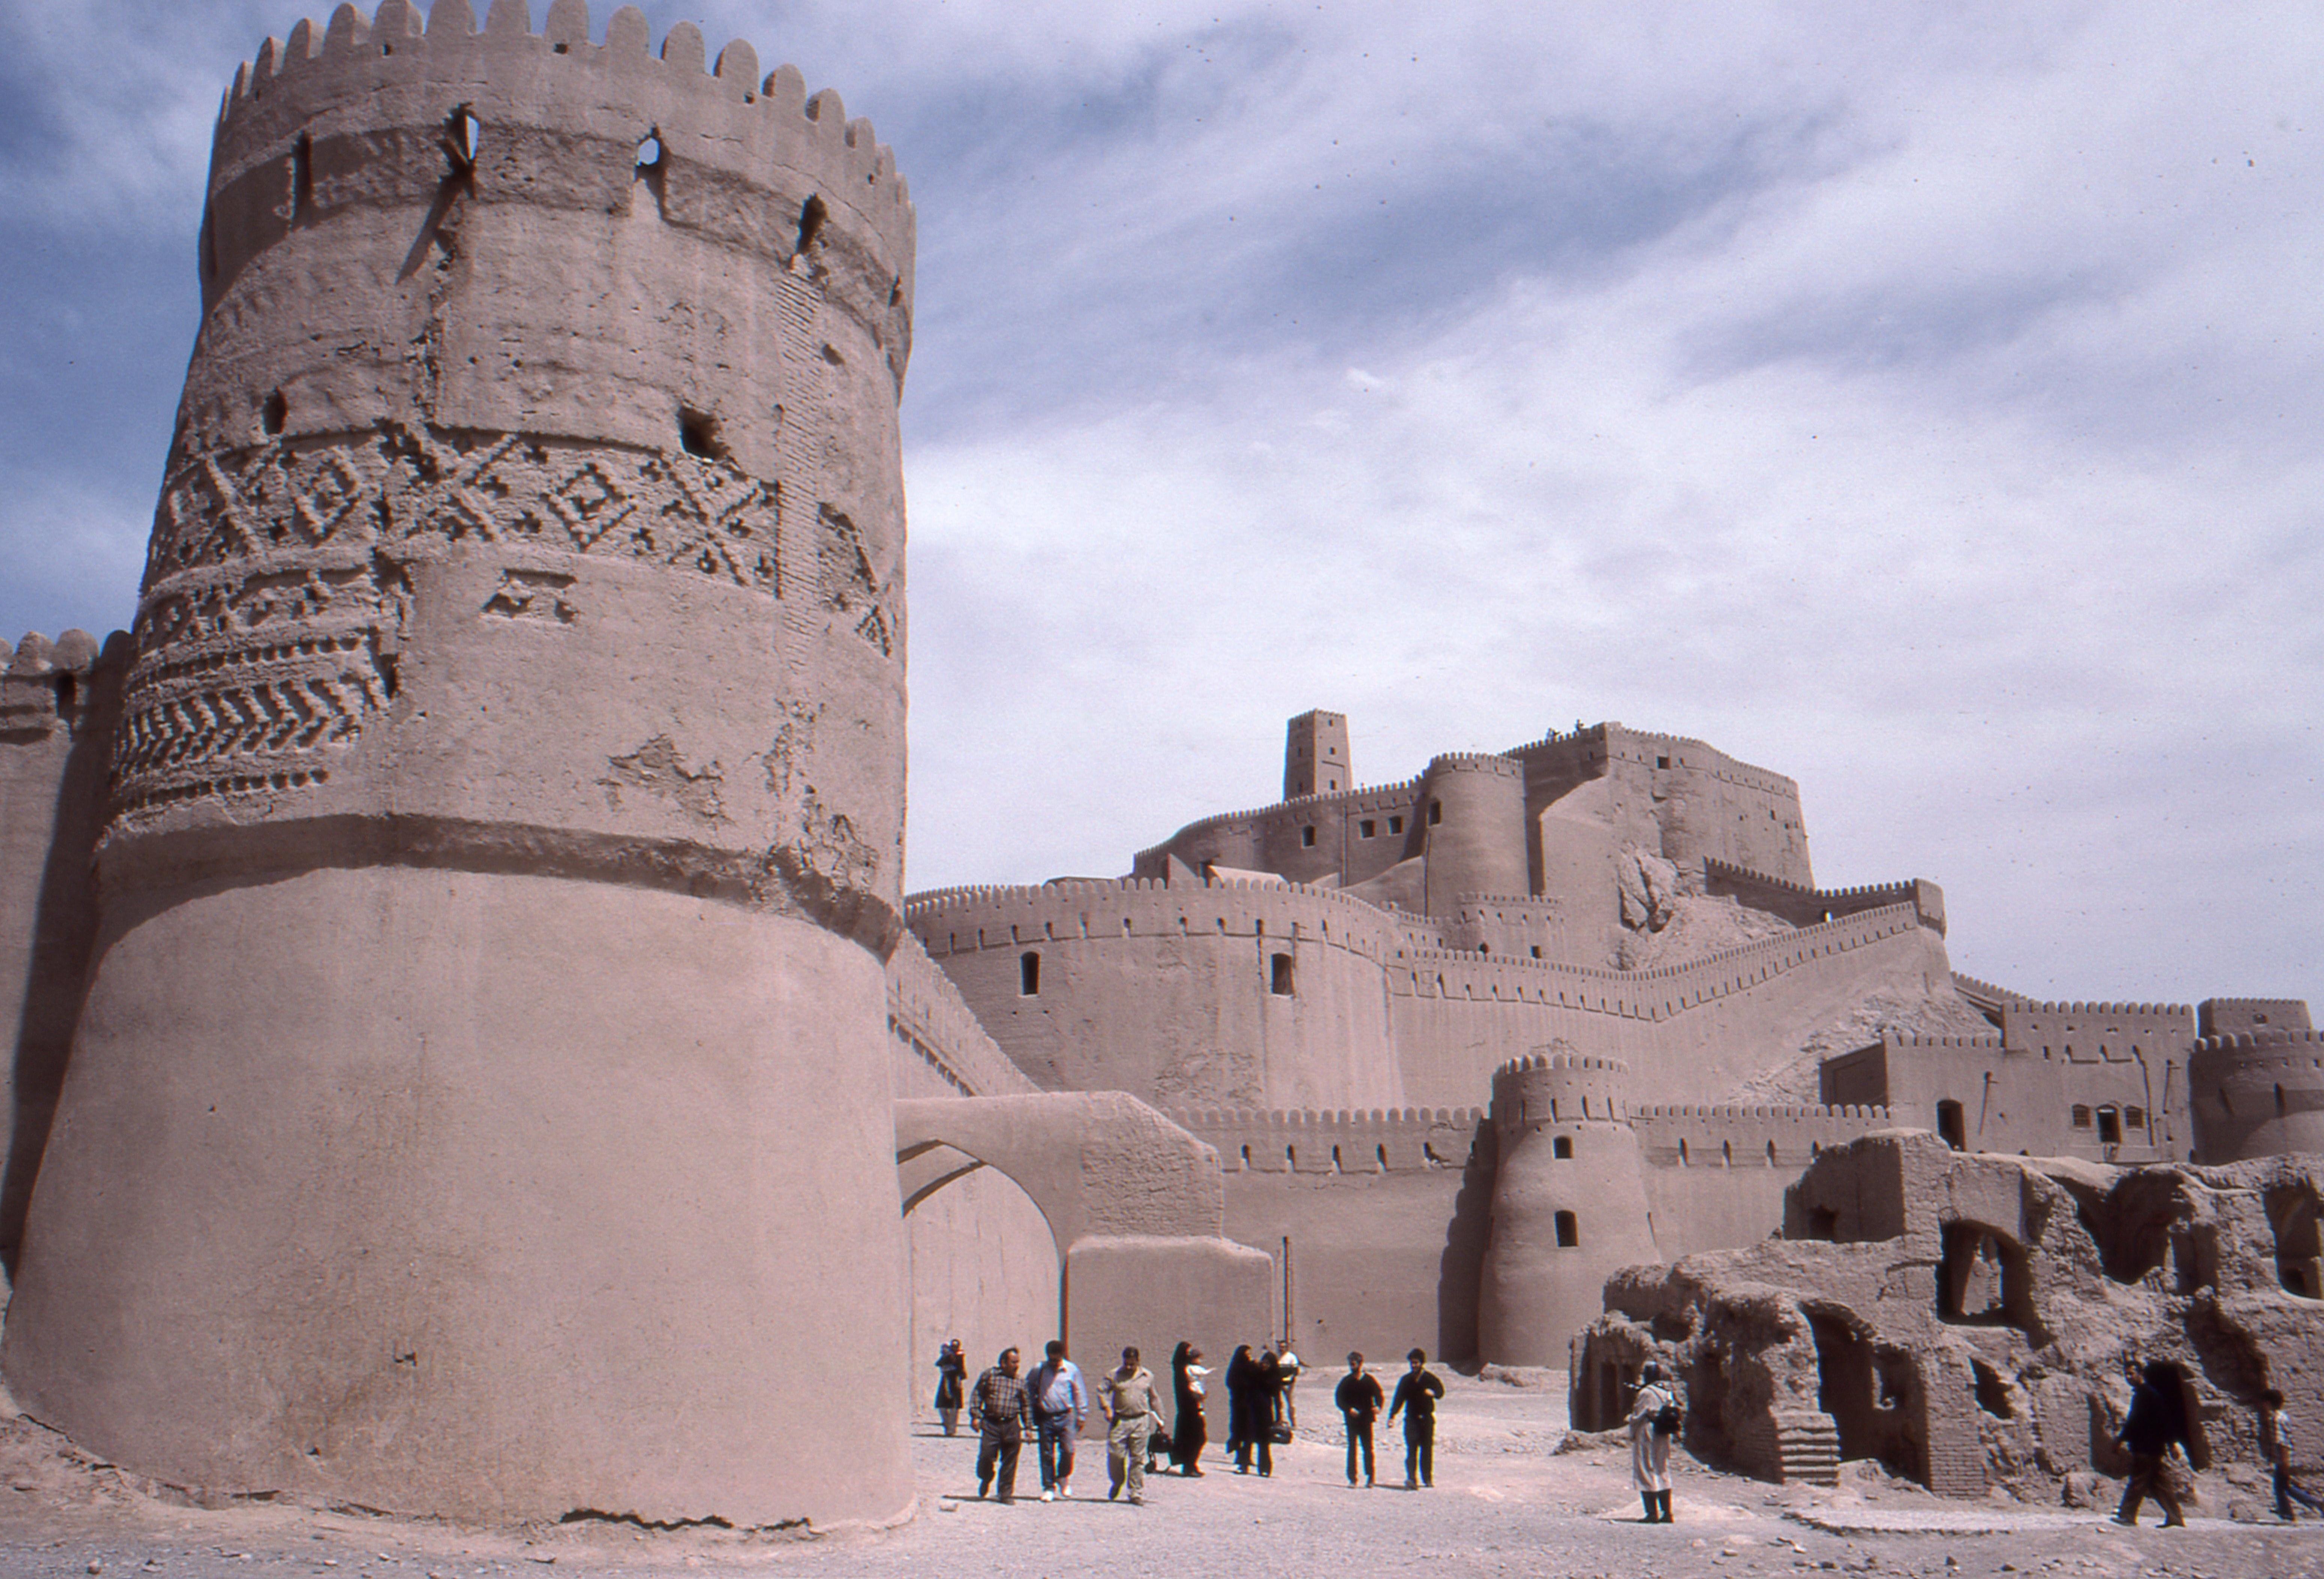 Bam_citadel_Iran.jpg